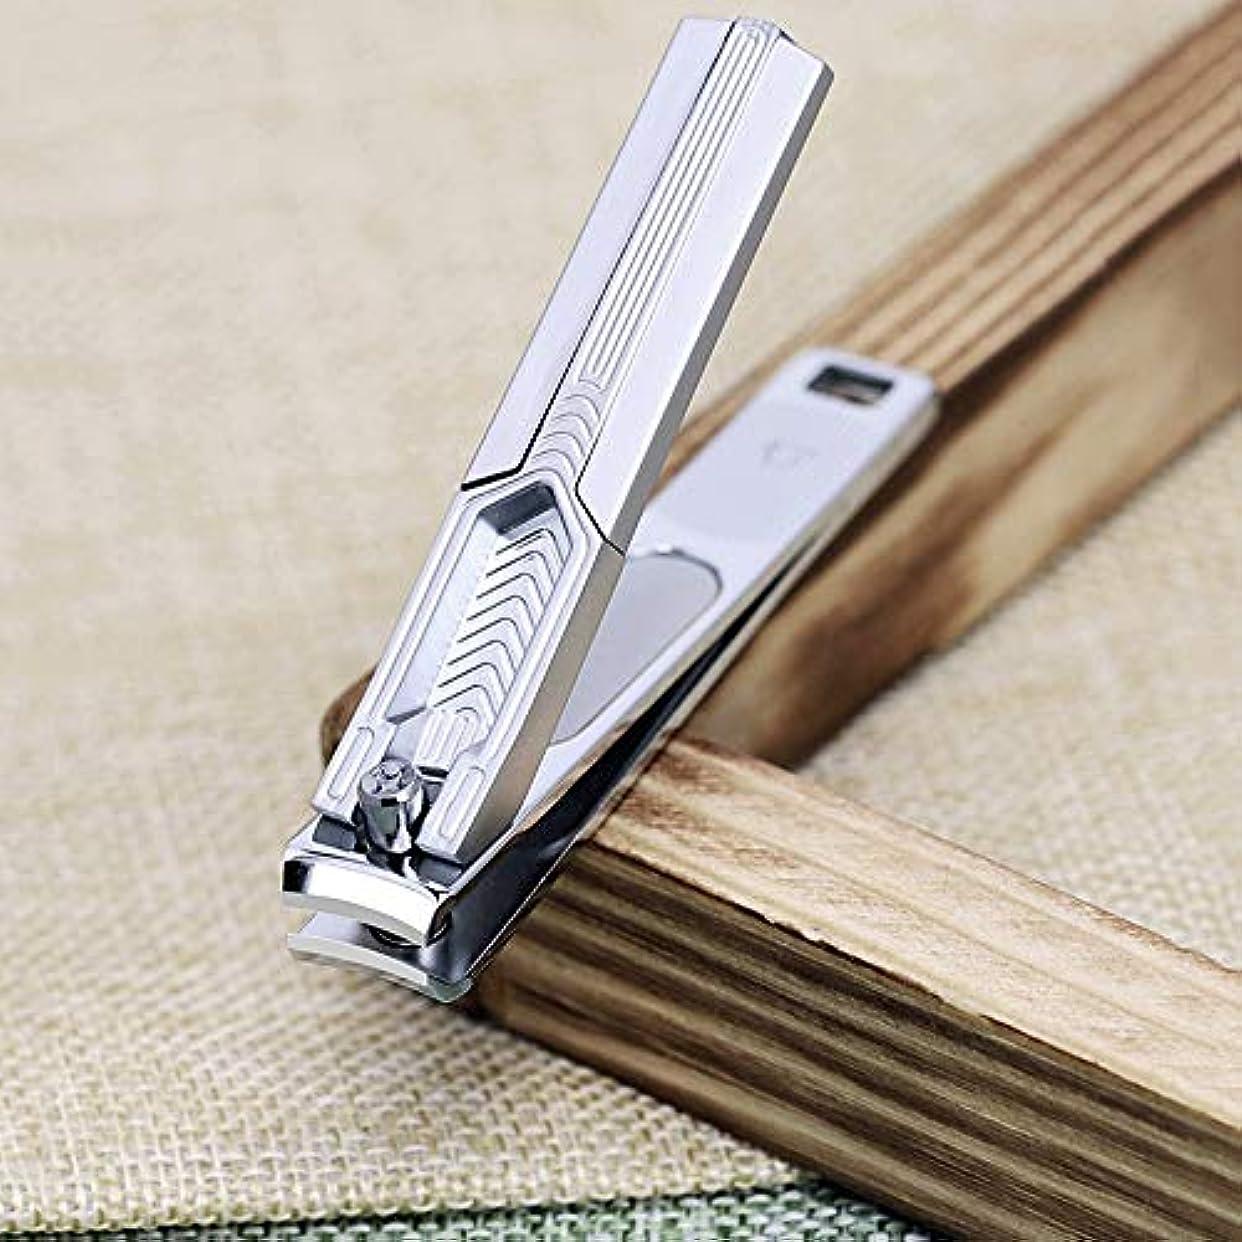 カタログ胴体再生的ネイルクリッパーセット、爪&足の爪切り、大人のための耐久性のある鋭いステンレス鋼のネイルカッター Blingstars